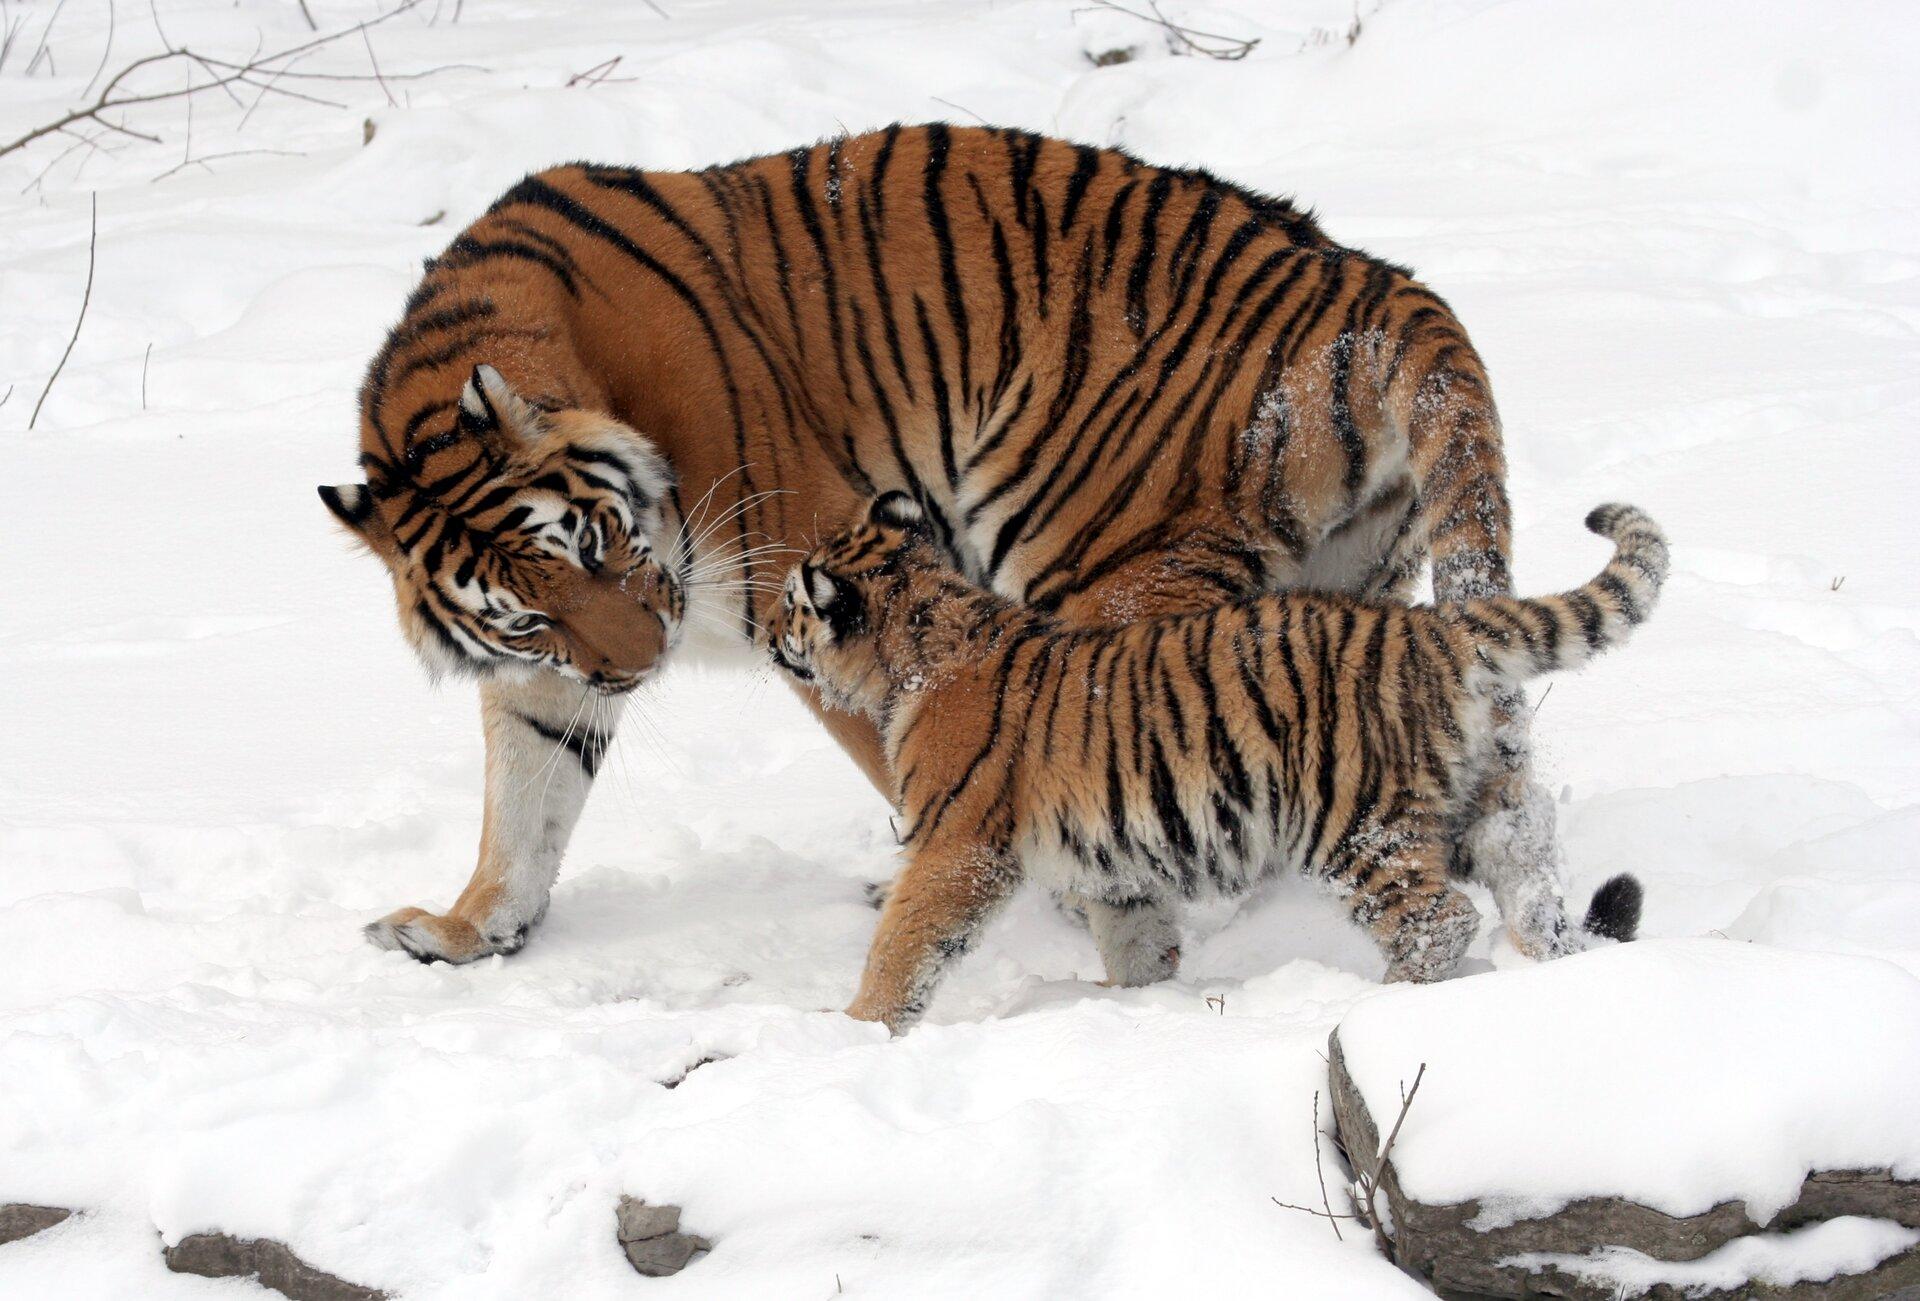 Fotografia prezentuje samicę tygrysa syberyjskiego zpotomstwem. Ciało tygrysa jest okryte rudobrązową sierścią zciemnymi pręgami na całym ciele.